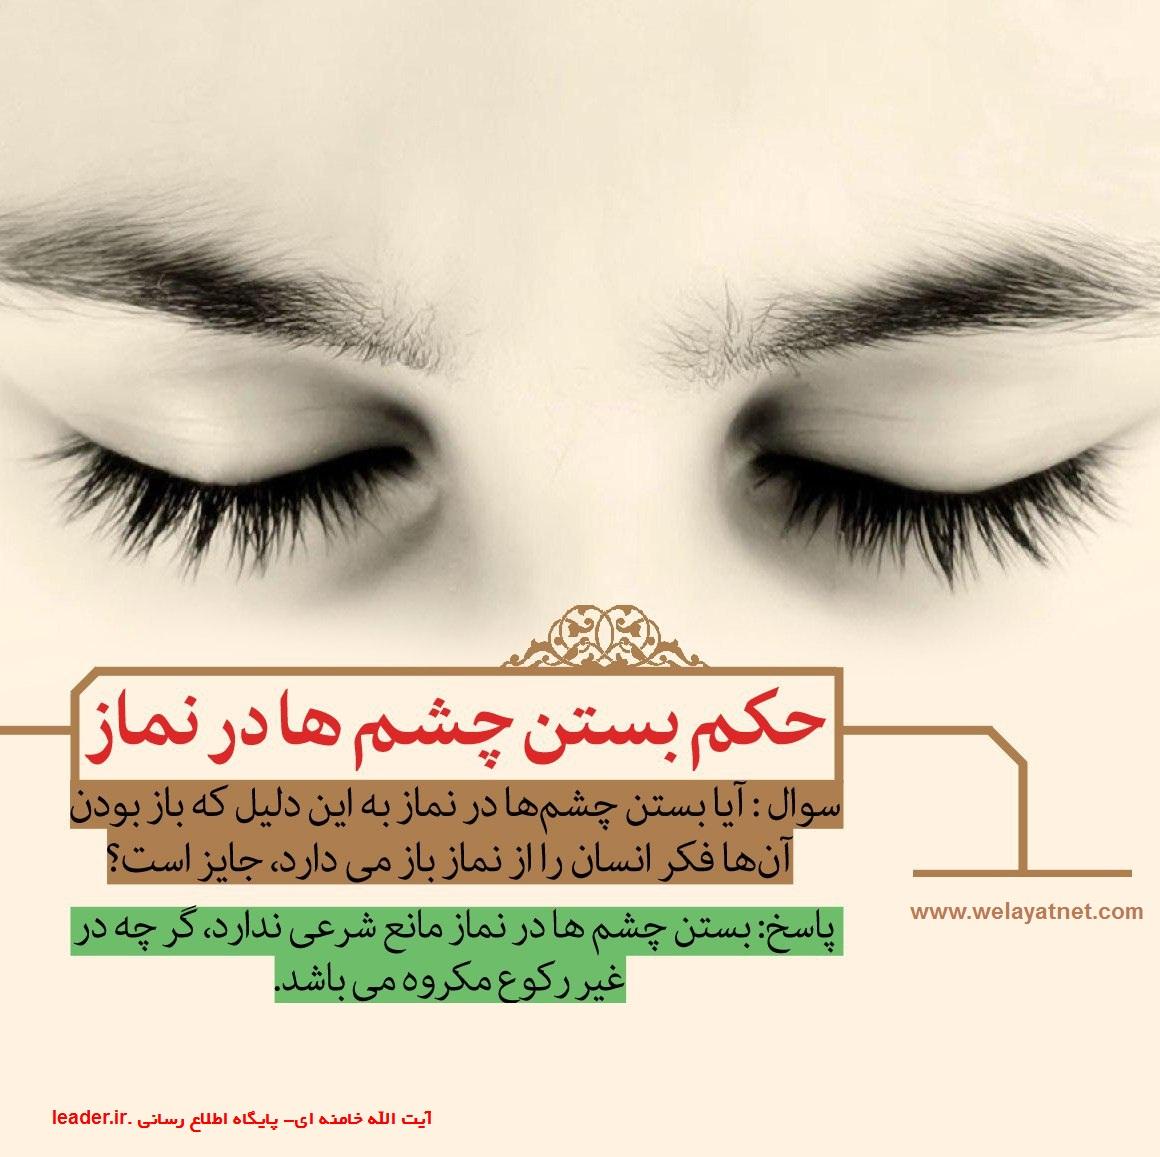 نماز، قیام، مکروهات